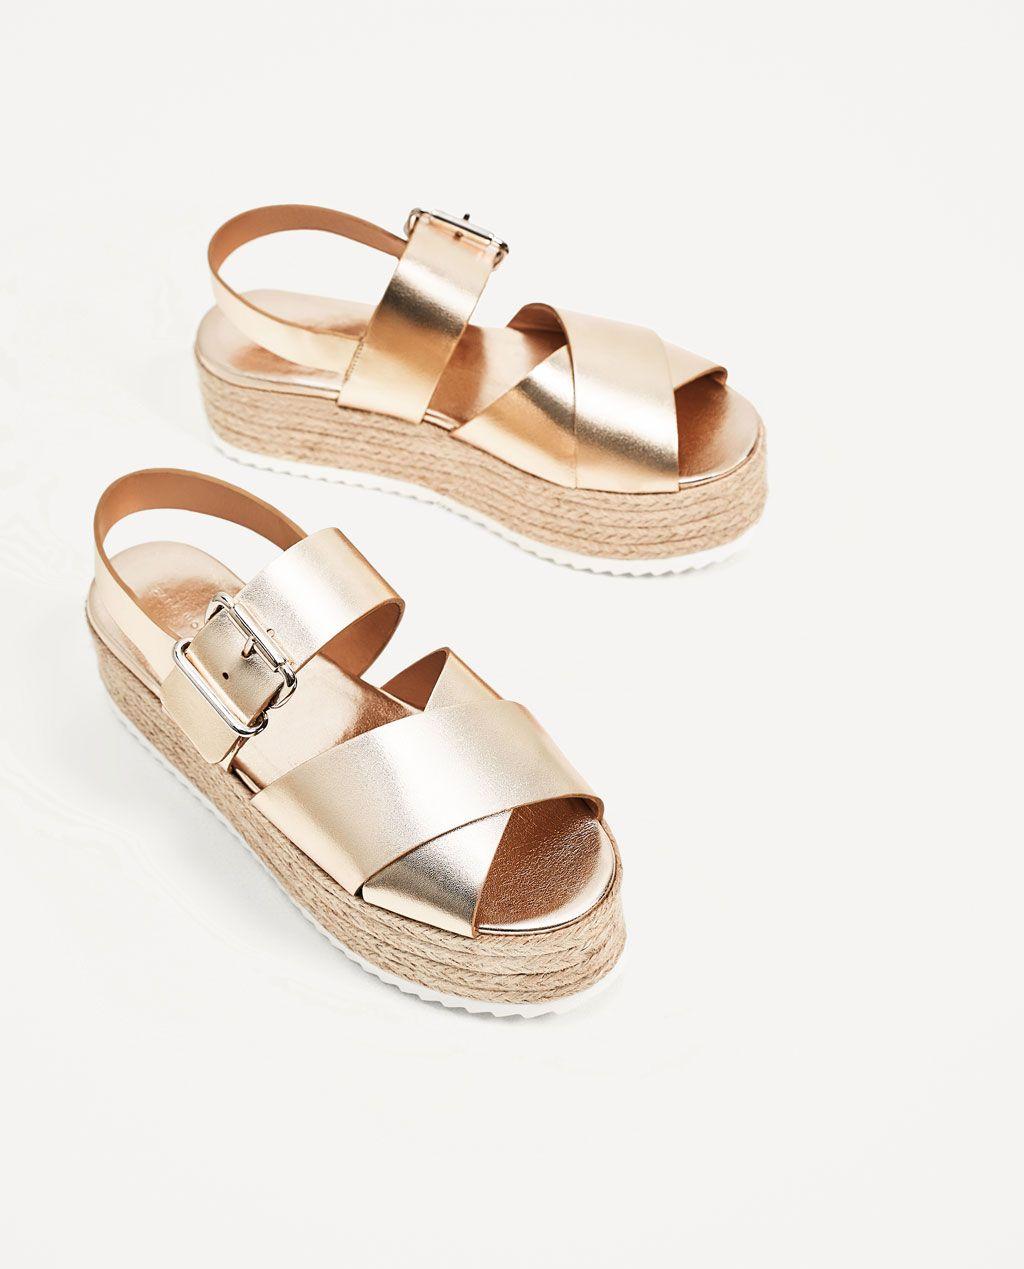 4a024f8b CUÑA PIEL PLATAFORMA YUTE 49,95 EUR | Zara | Zapatos | Plataformas ...